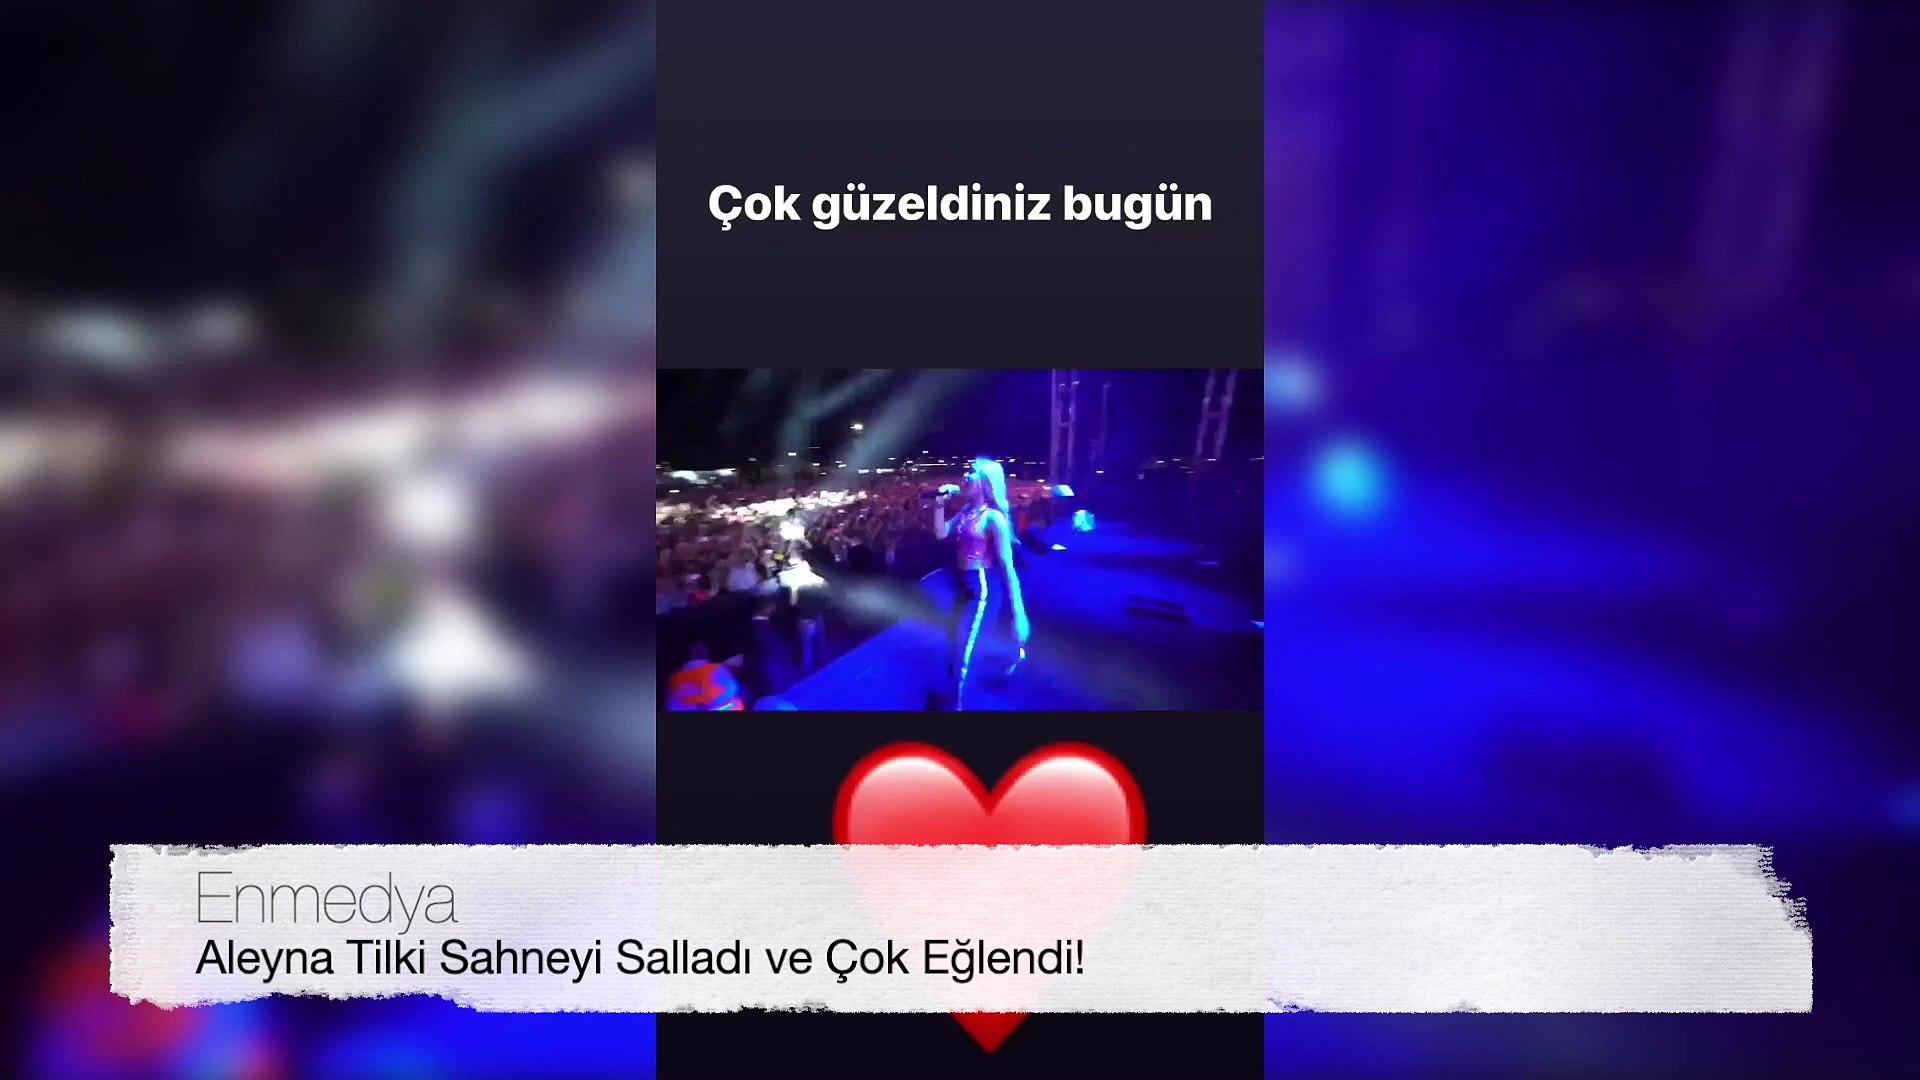 Aleyna Tilki Sahneyi Salladı ve Çok Eğlendi! | Aleyna Tilki'nin İnstagram Hikayesi #Enmedya